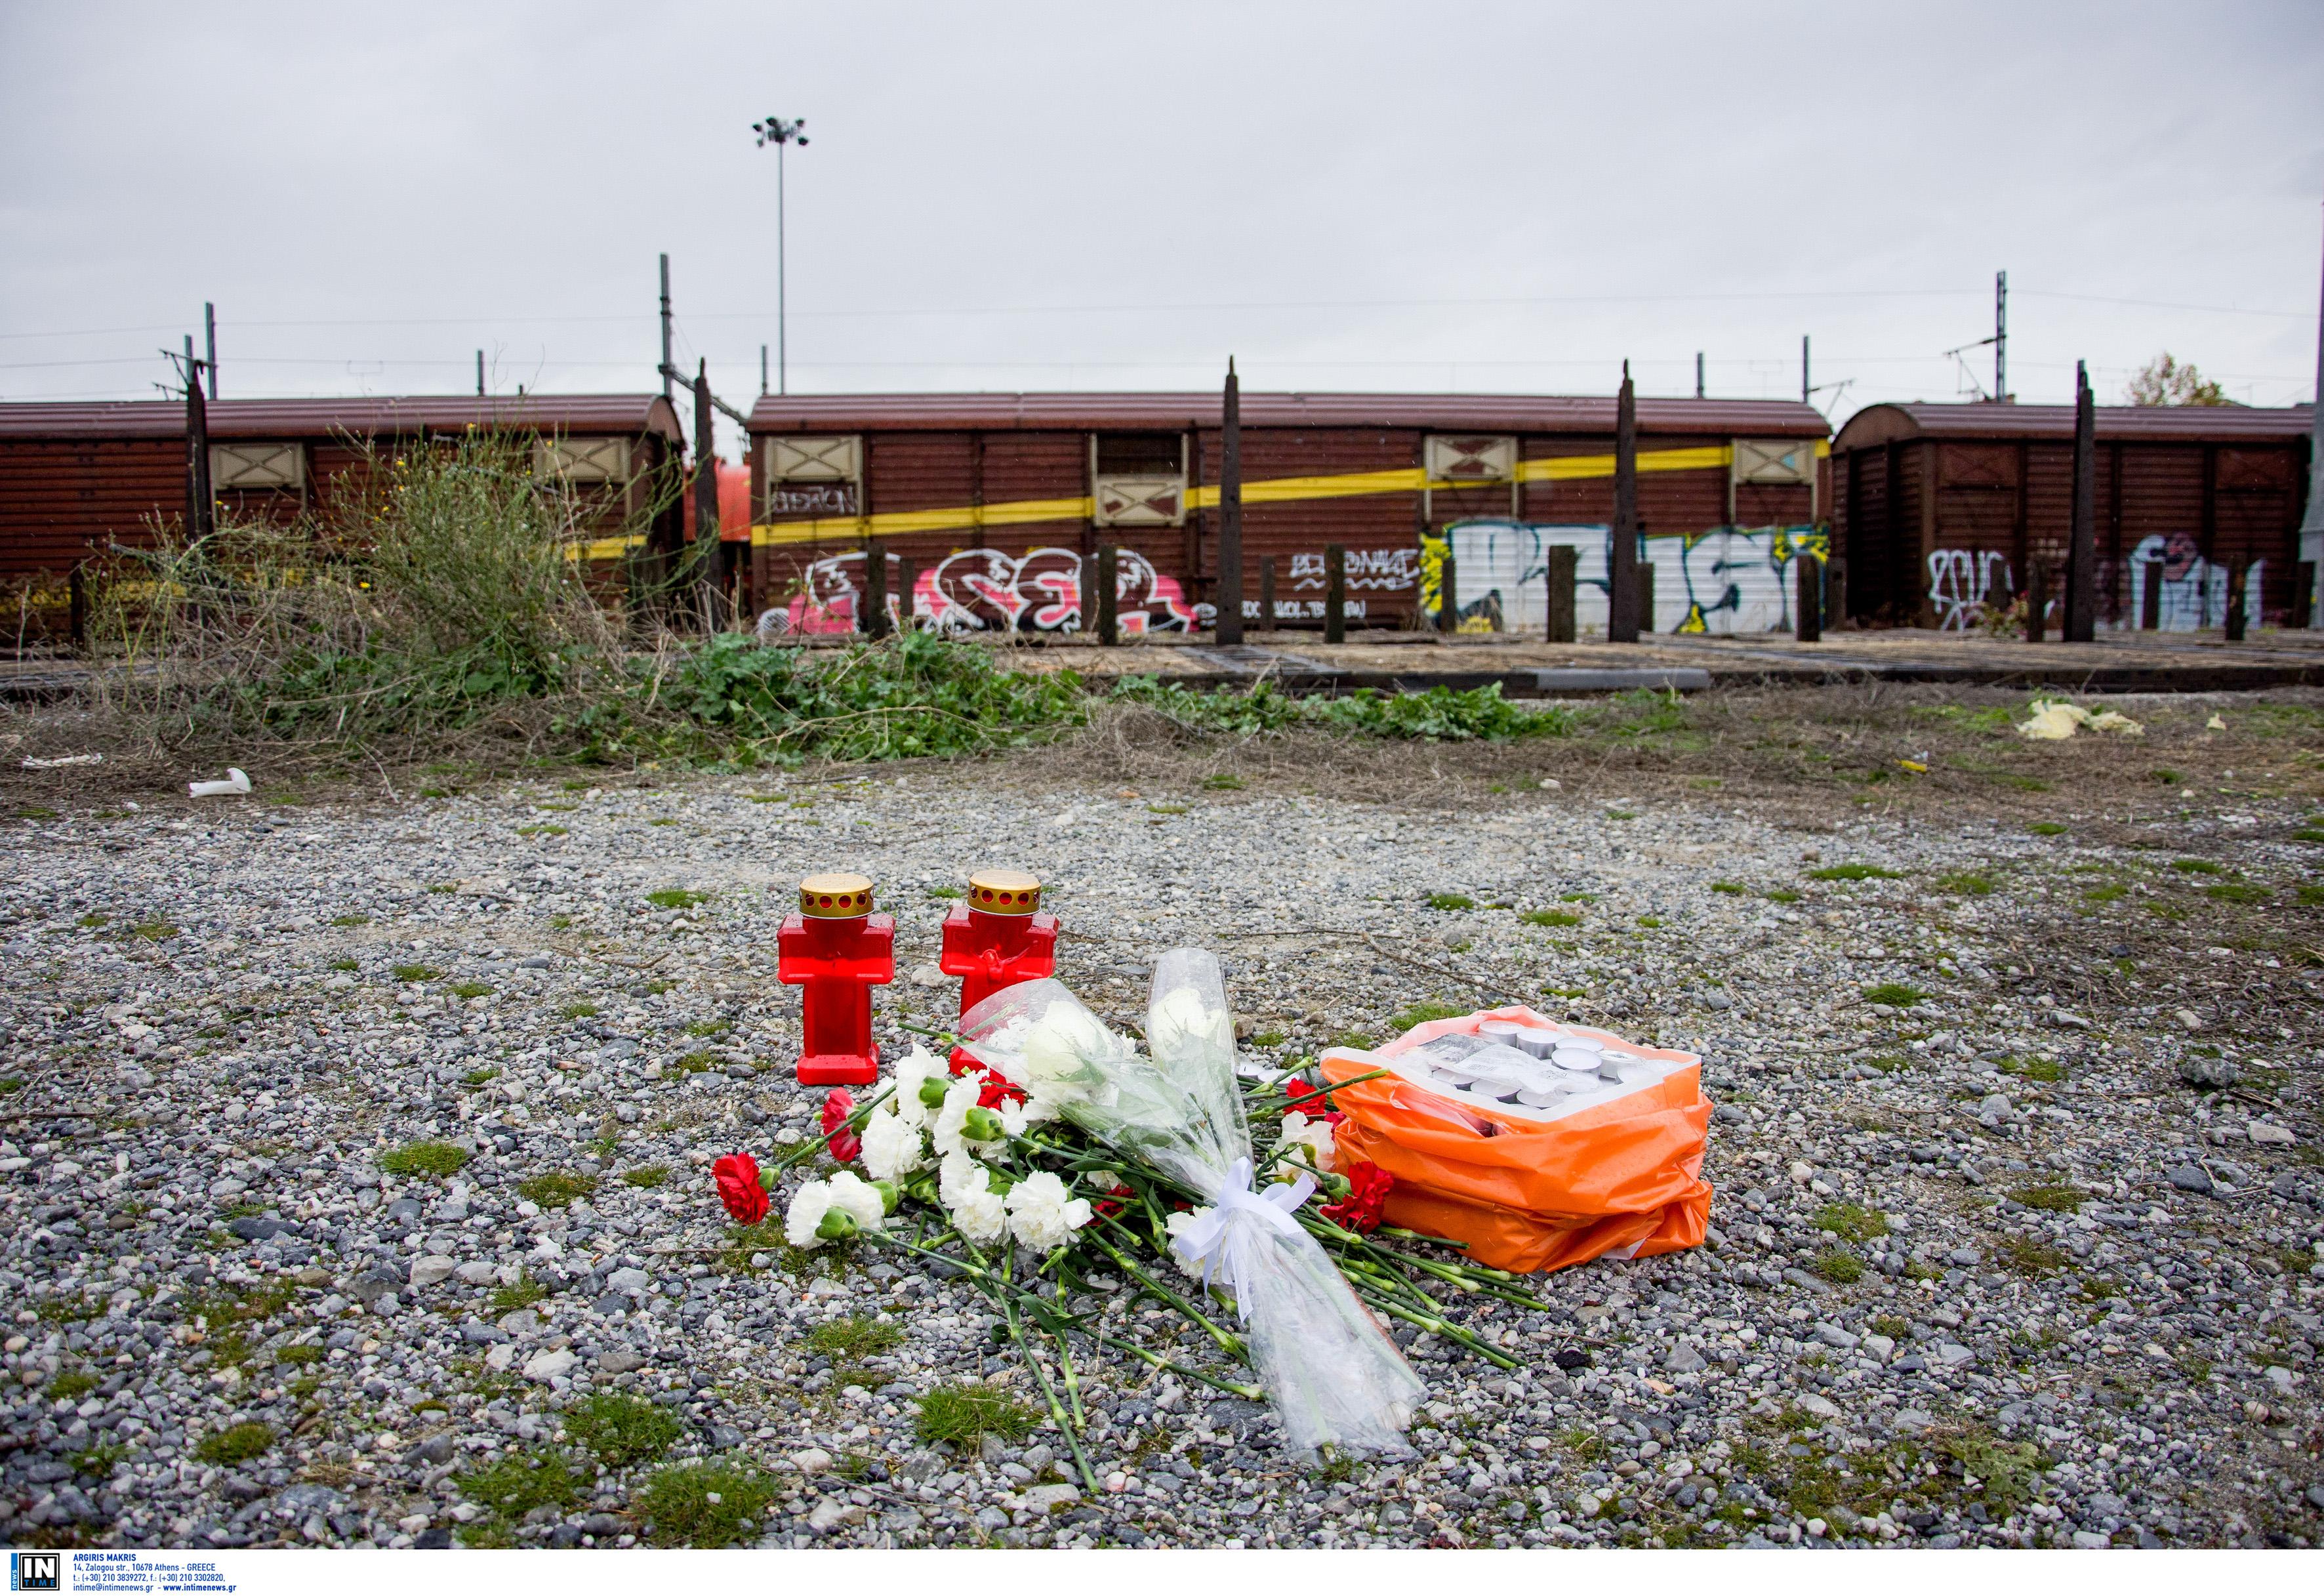 Δομοκός: Φρικτός θάνατος με ακρωτηριασμό στις γραμμές του τρένου